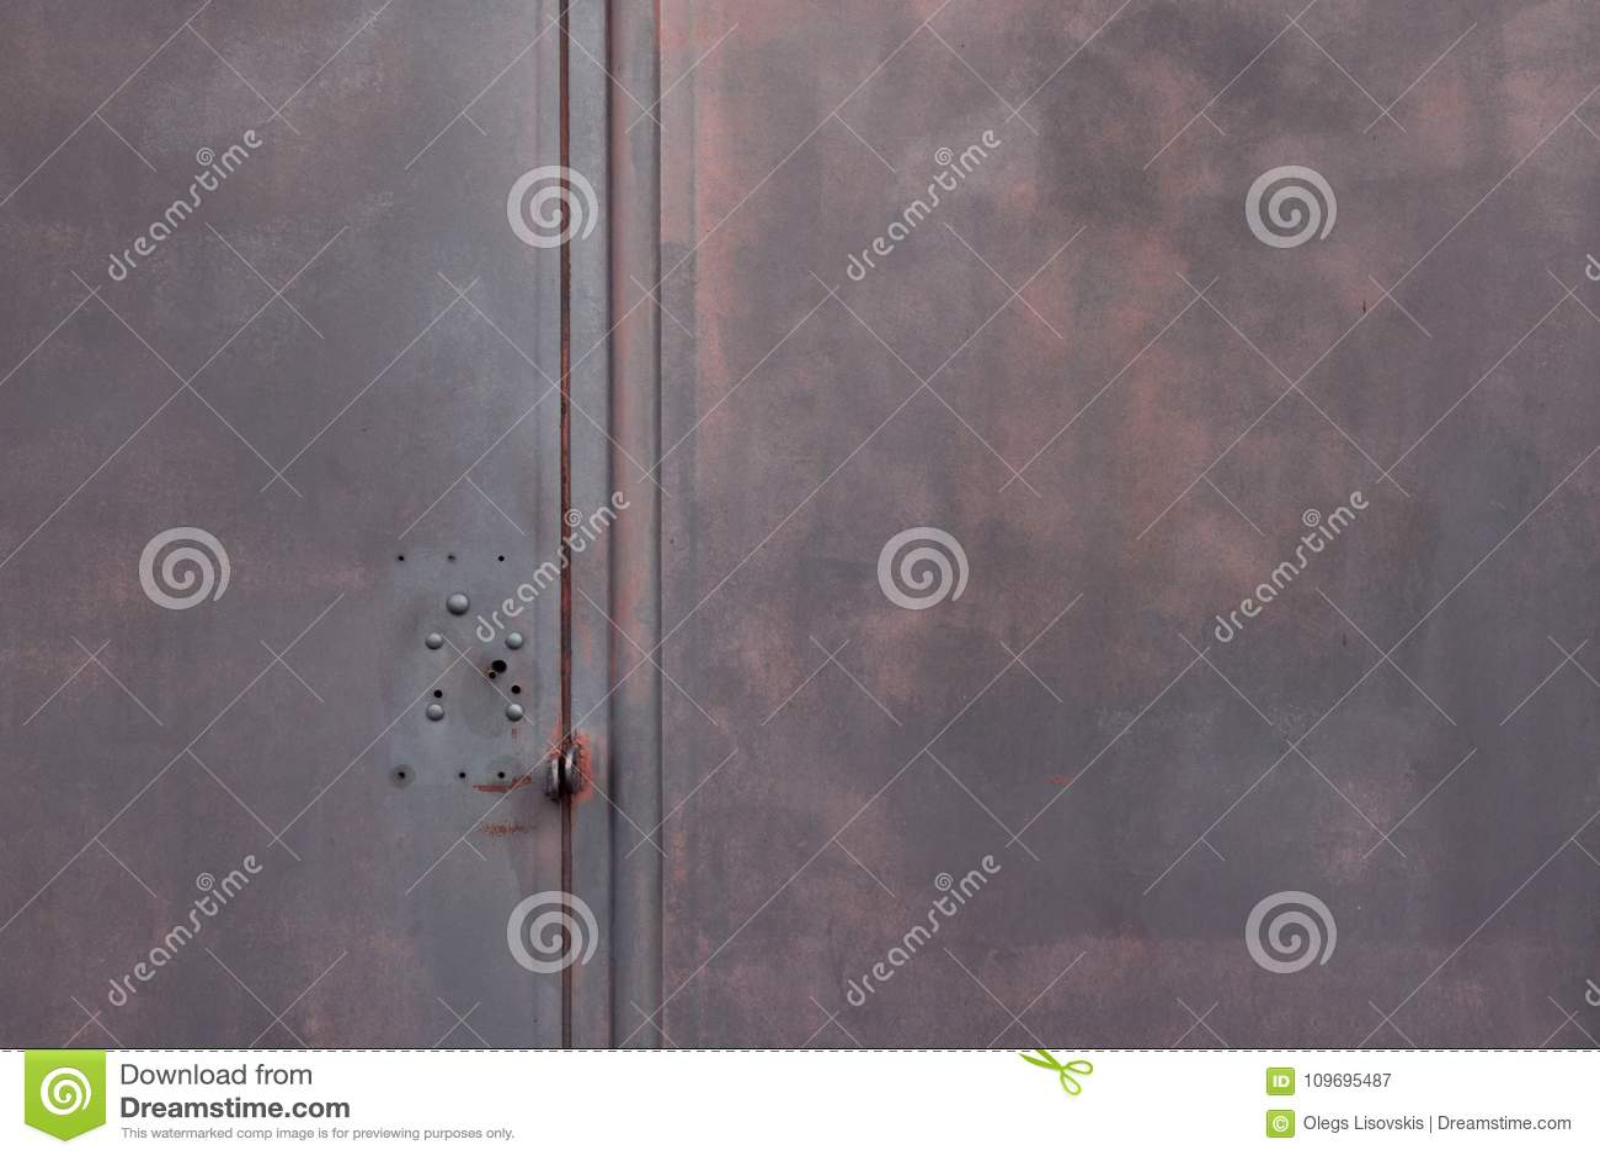 Dark Grey Background Metallic Garage Door Gate Stock Image Image